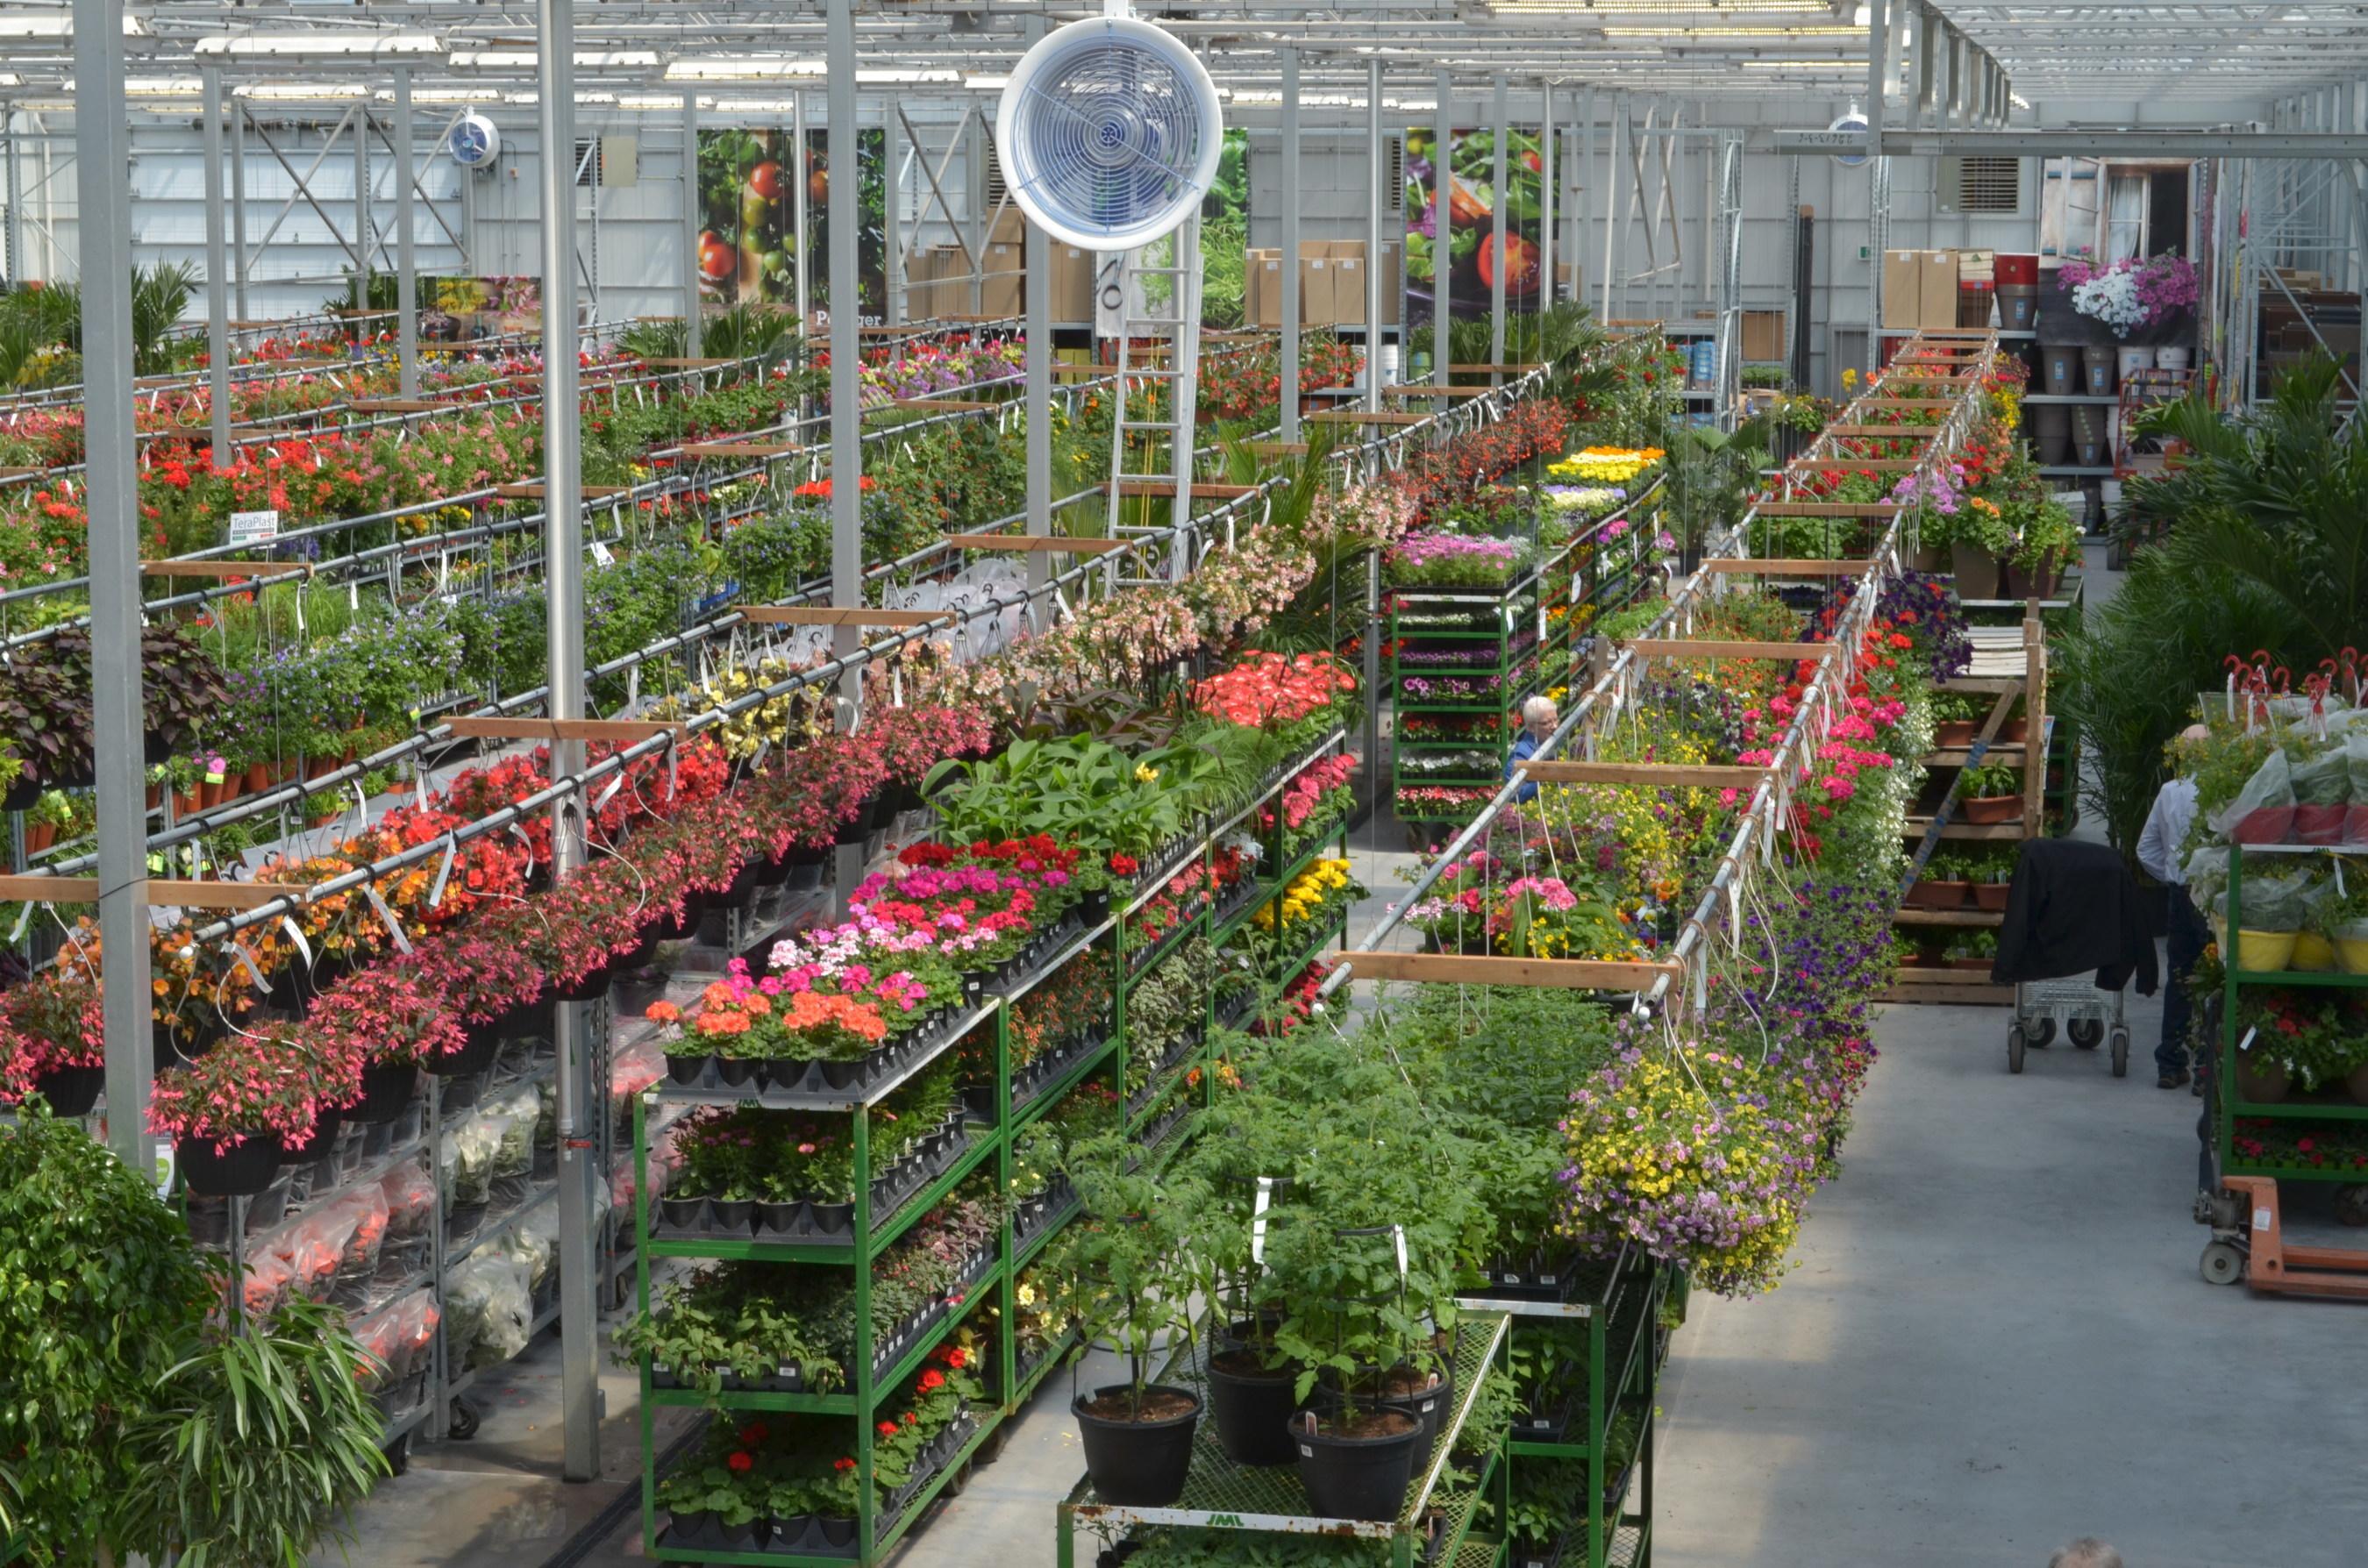 Le nouveau jardin hamel enfin ouvert au grand public for Jardin hamel papillon 2016